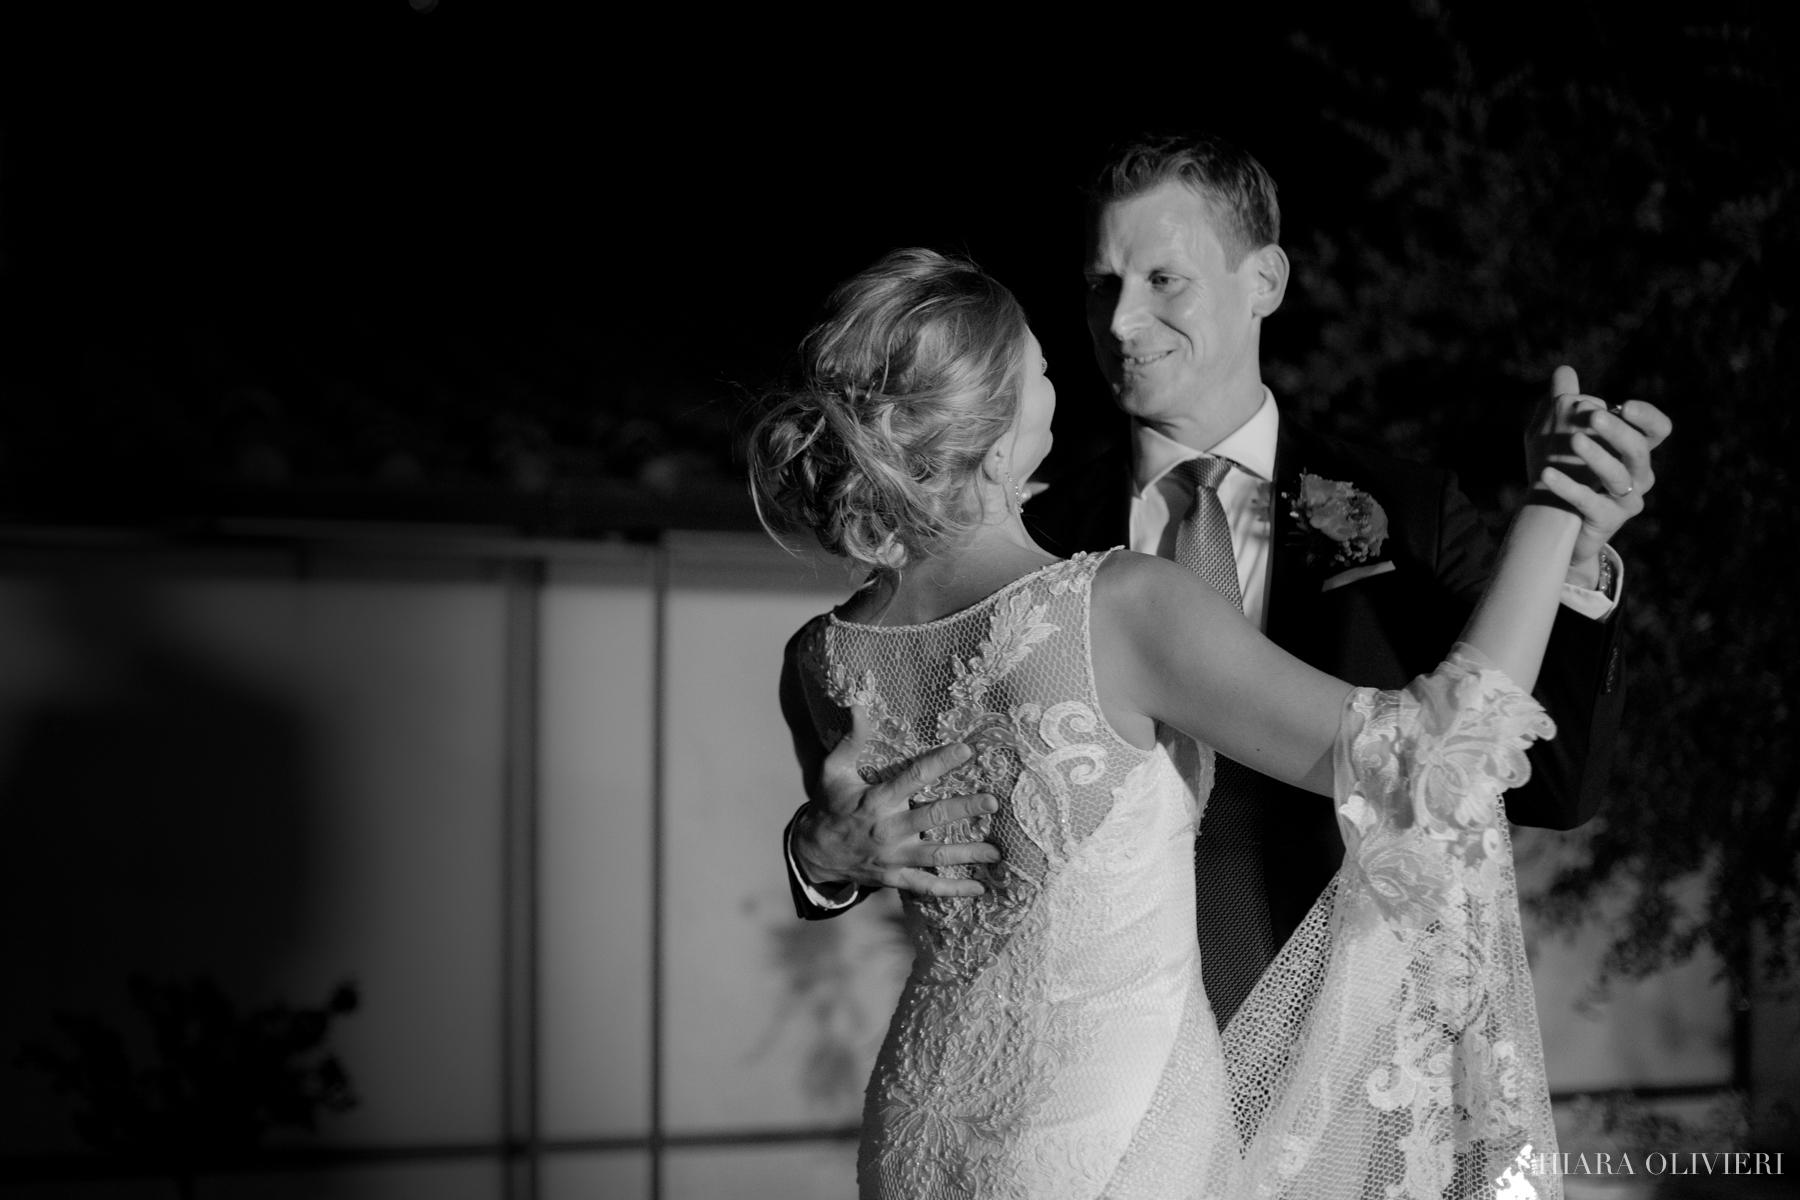 matrimonio-toscana-torredeilari-firenze-44